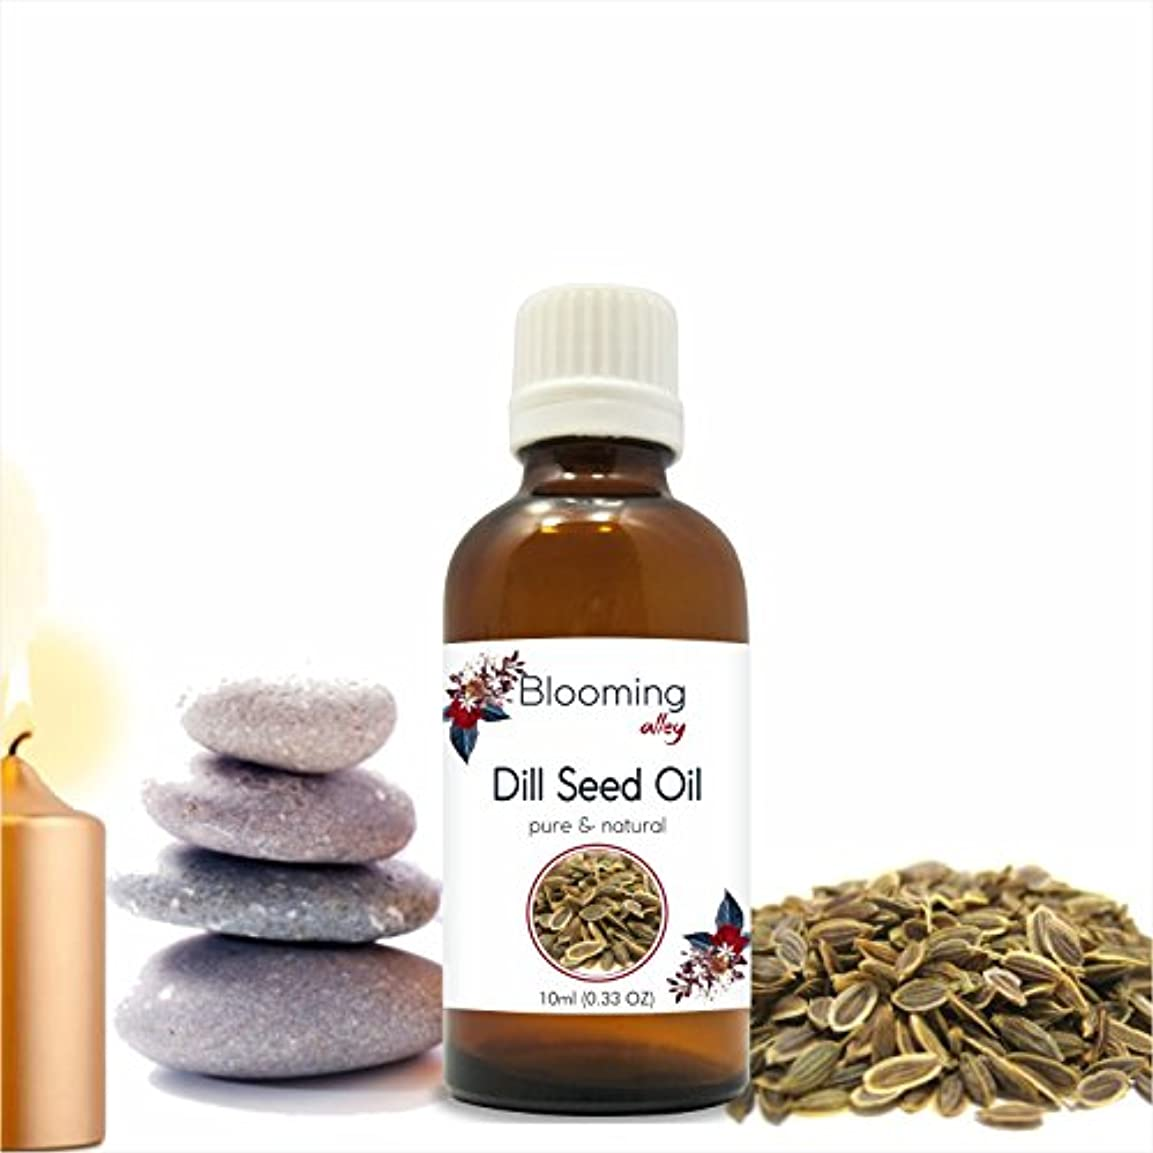 トレードバーマド痛みDillseed Oil(Anethum Graveolens) Essential Oil 10 ml or 0.33 Fl Oz by Blooming Alley